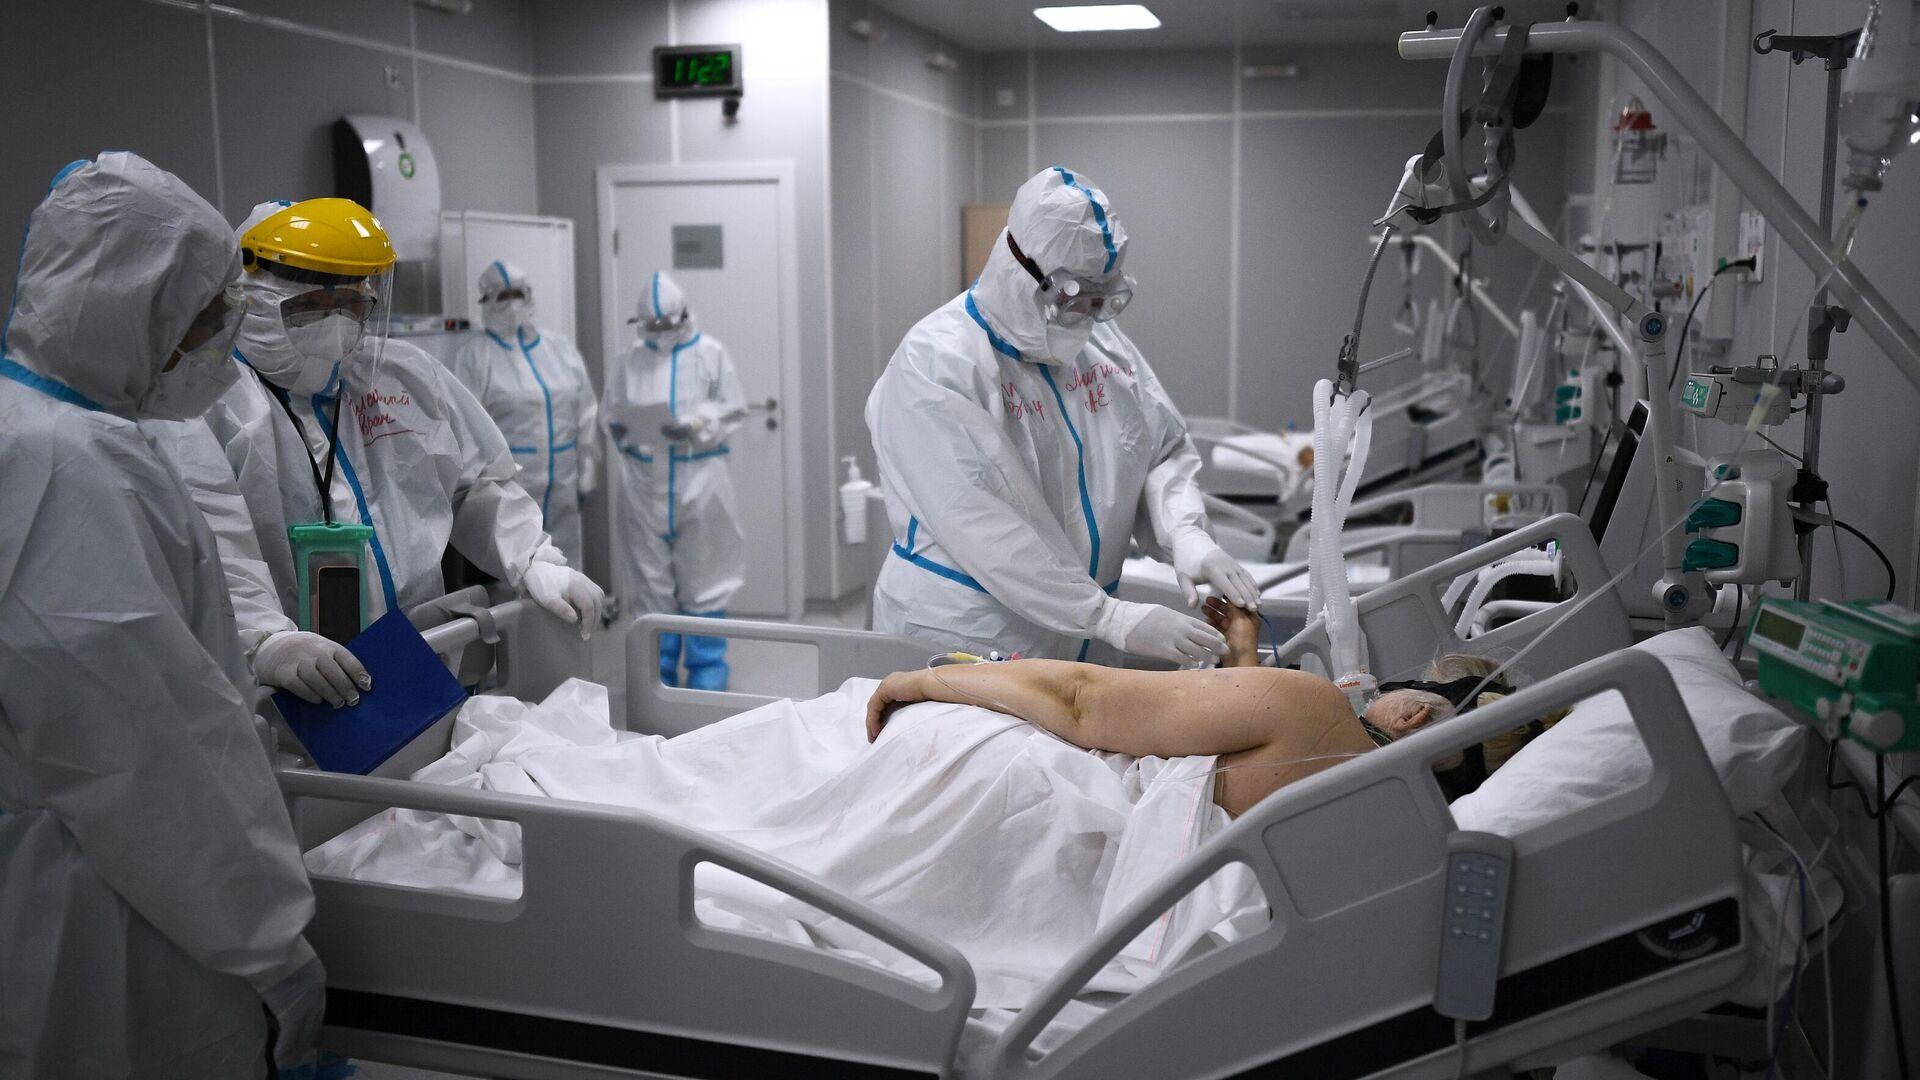 Медицинские работники во временном госпитале для пациентов с COVID-19 в Сокольниках - РИА Новости, 1920, 21.11.2020